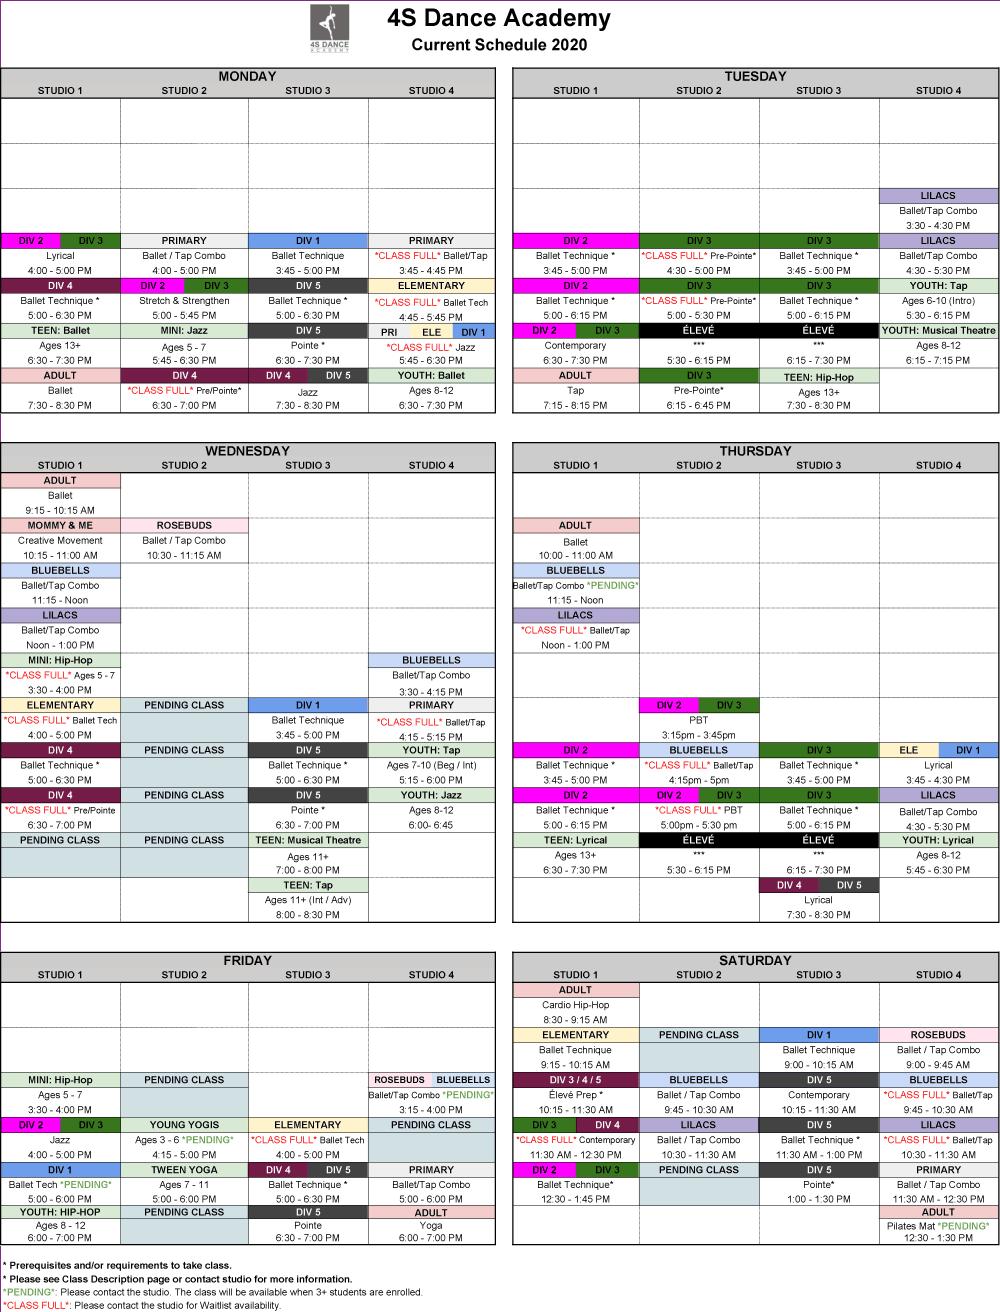 4SDA-schedule-020920